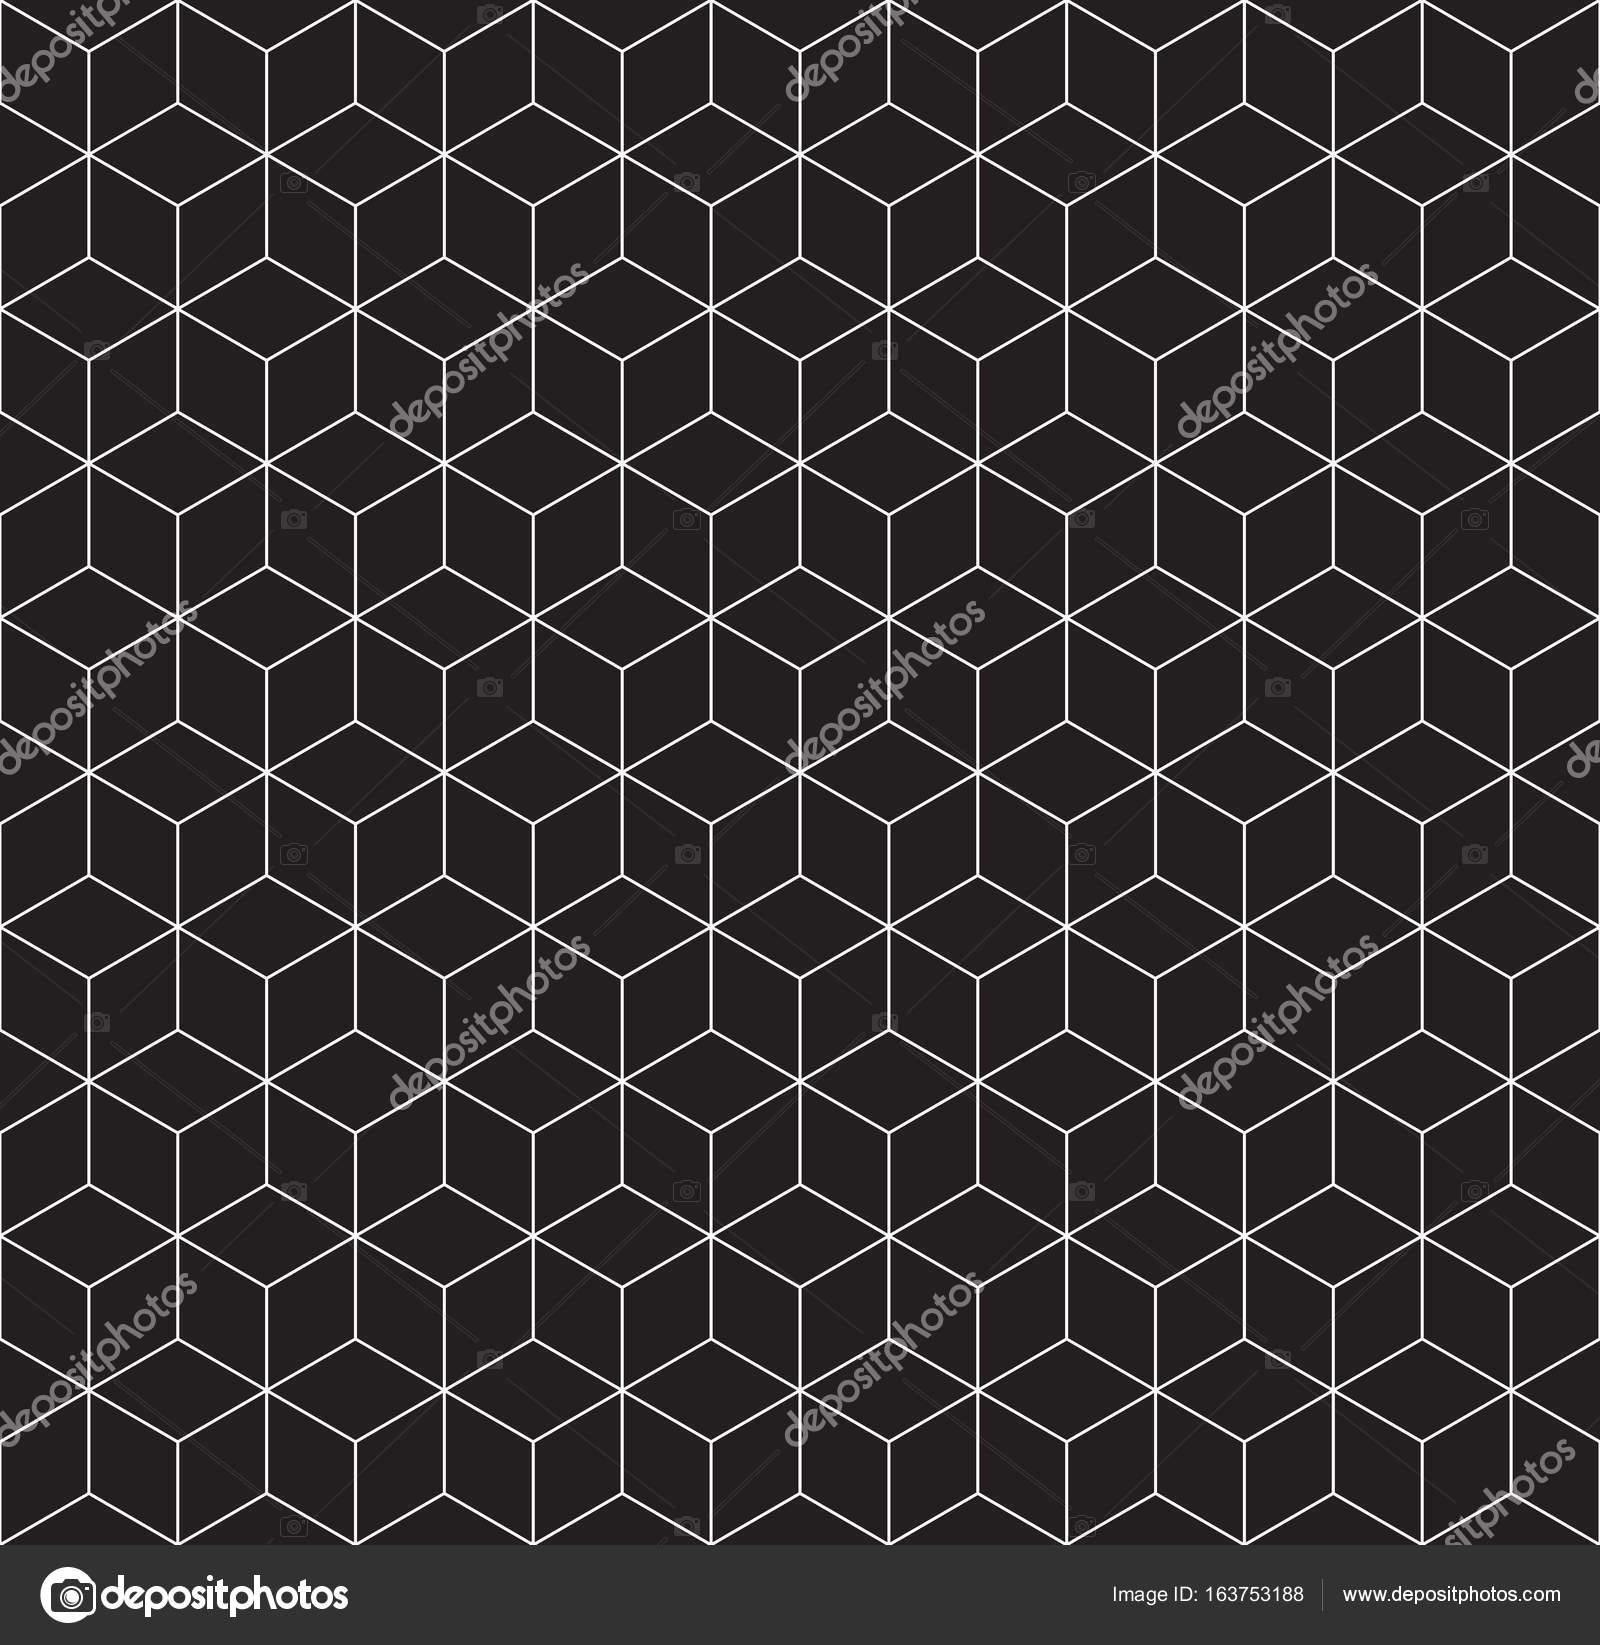 3d Drahtgitter Cube Musterdesign — Stockvektor © raymondgibbs #163753188